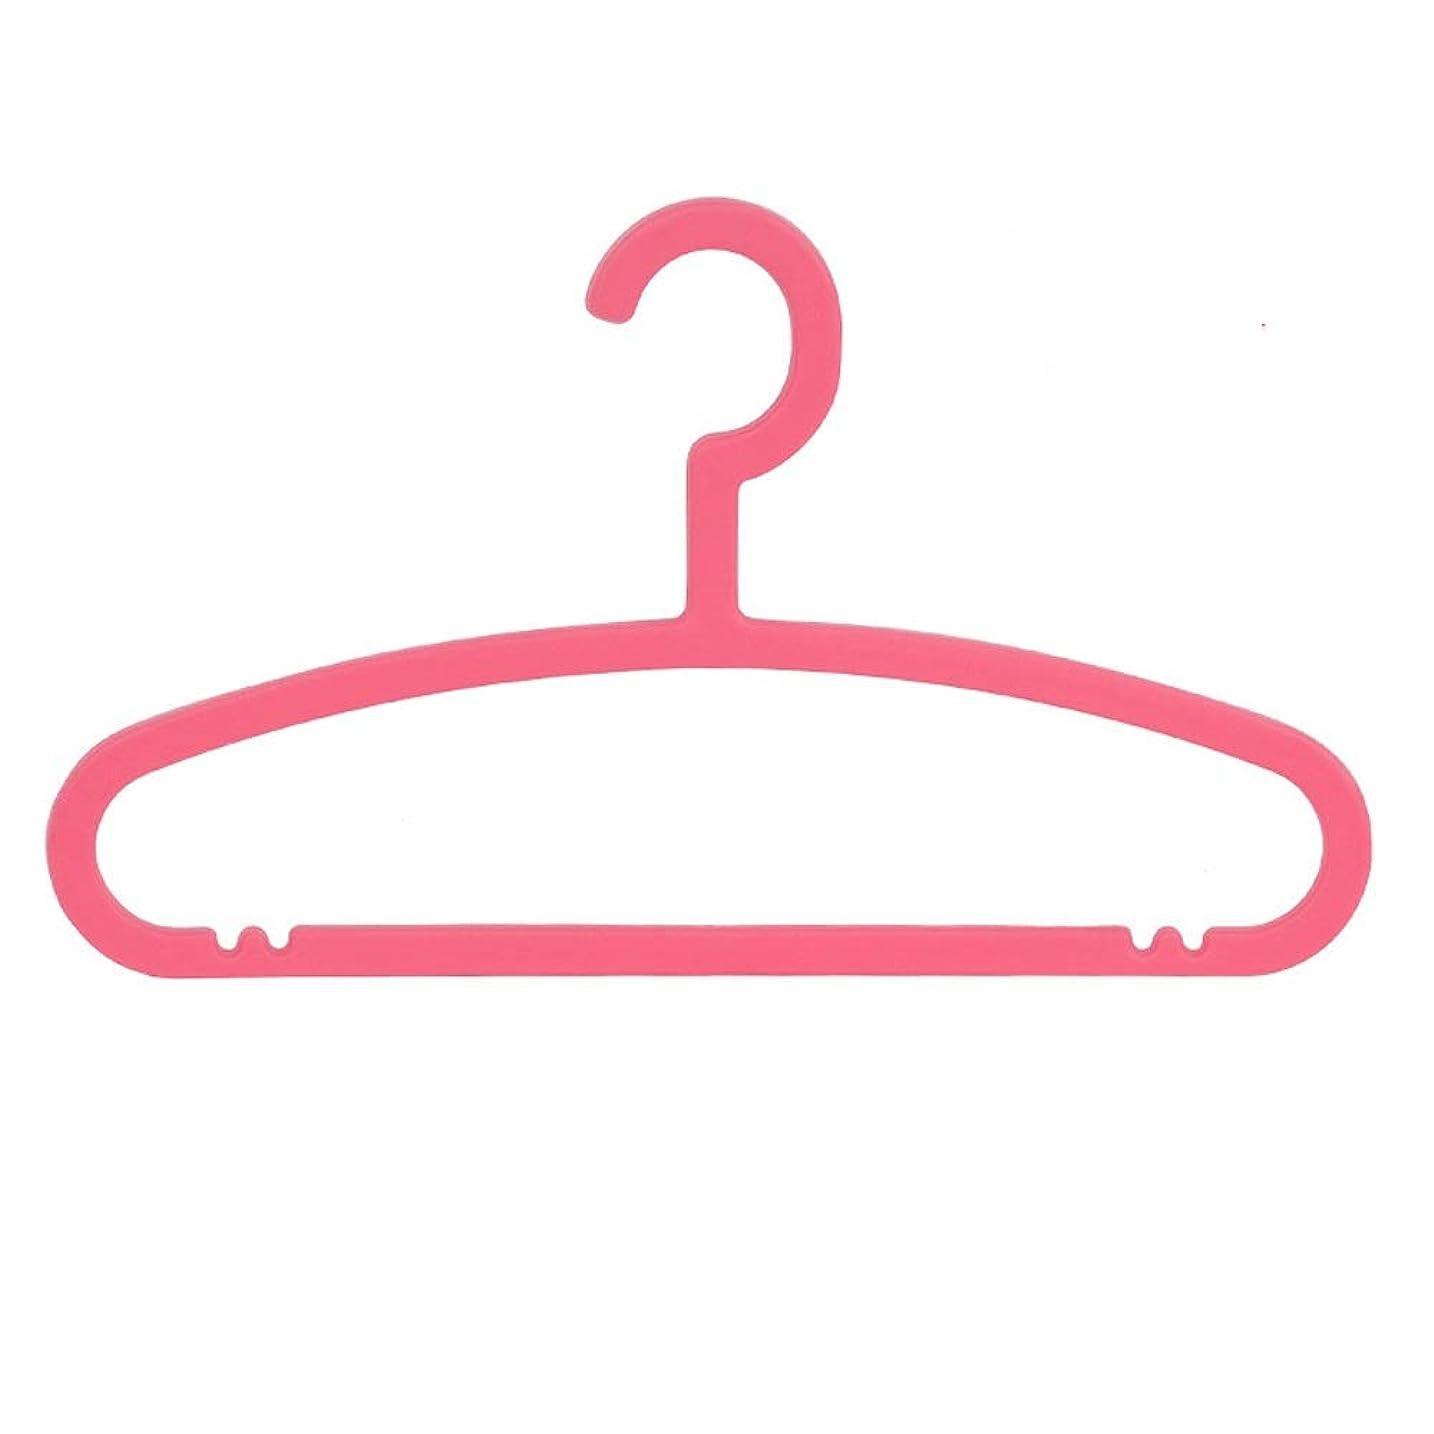 アドバンテージベストマリナー20滑り止め滑り止め子供用ハンガーのパック - 乾燥とワードローブのハンガー (Color : 6#, Size : 20.8*17.5cm)